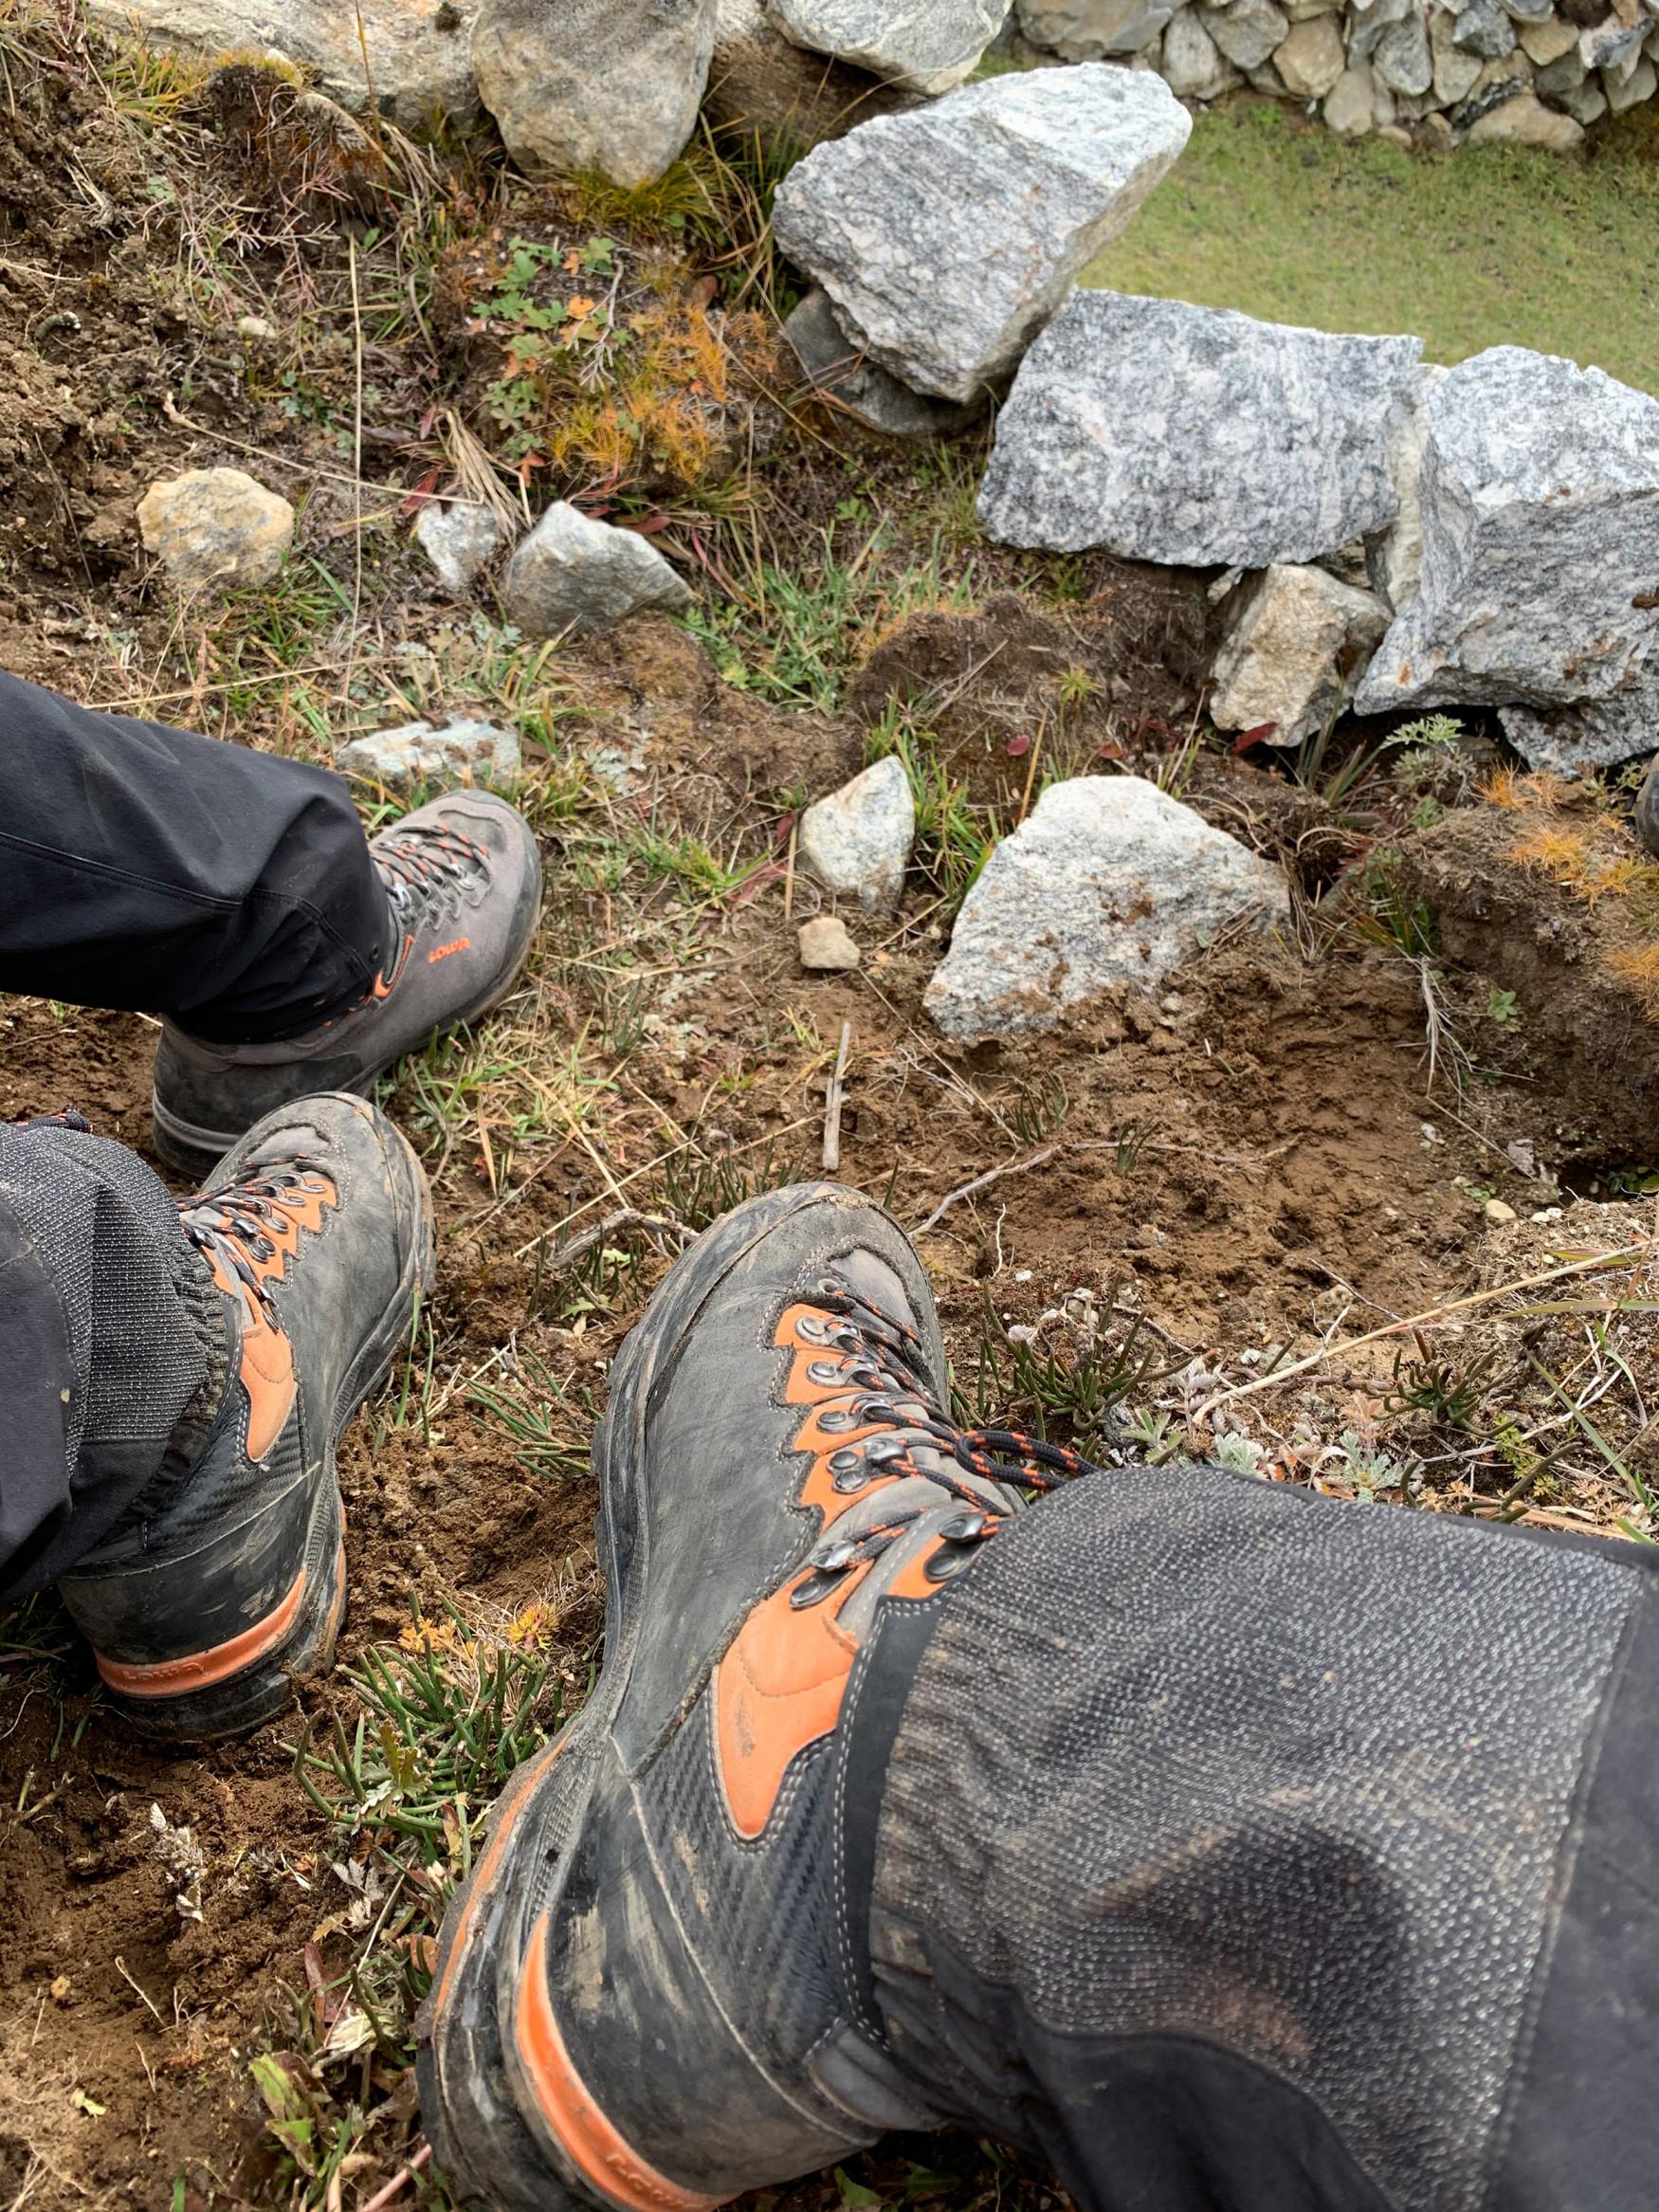 Een klassieker. Een alleskunner. Met de TICAM II GTX heeft LOWA een stabiele en comfortabele schoen gemaakt die net zo geschikt is voor veeleisende bergtochten als voor klettersteigen. Aan de buitenkant voorzien van prachtig suède, terwijl aan de binnenkant GORE-TEX is gebruikt. Zodat de voeten zelfs in natte omstandigheden lekker droog blijven. De Vibram® APPTRAIL-zool maakt ook op veeleisend terrein goede vorderingen mogelijk.